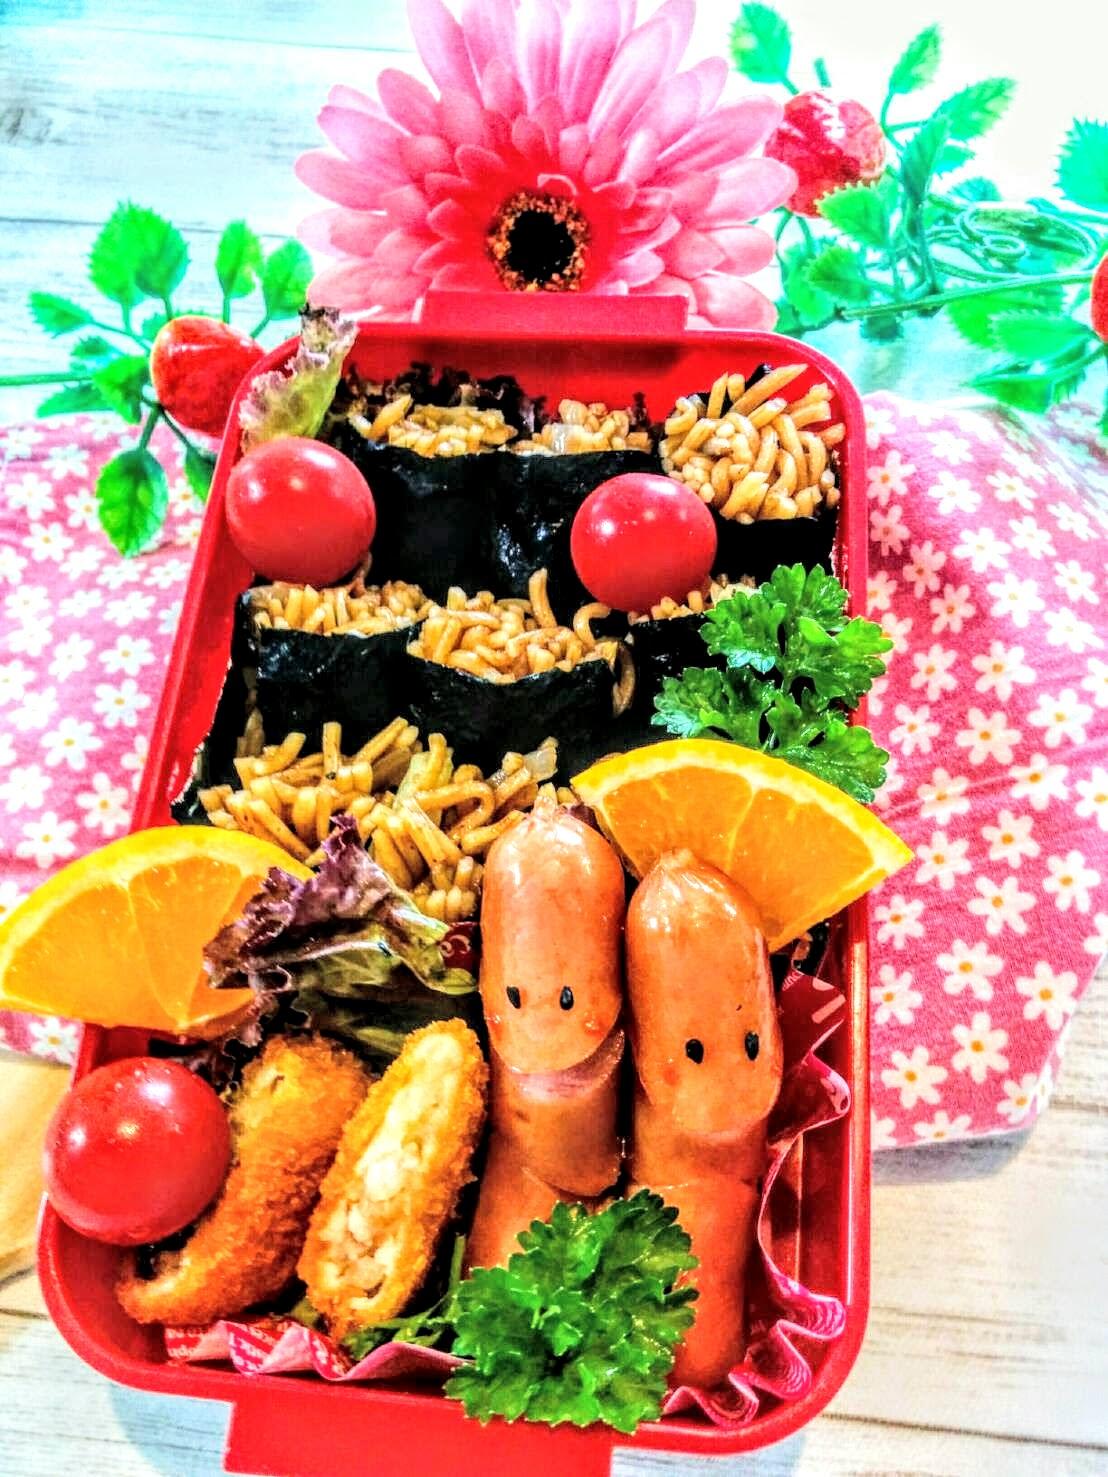 【小樽】娘の今日のお弁当・焼きそば海苔巻き弁当グルメ案内です。